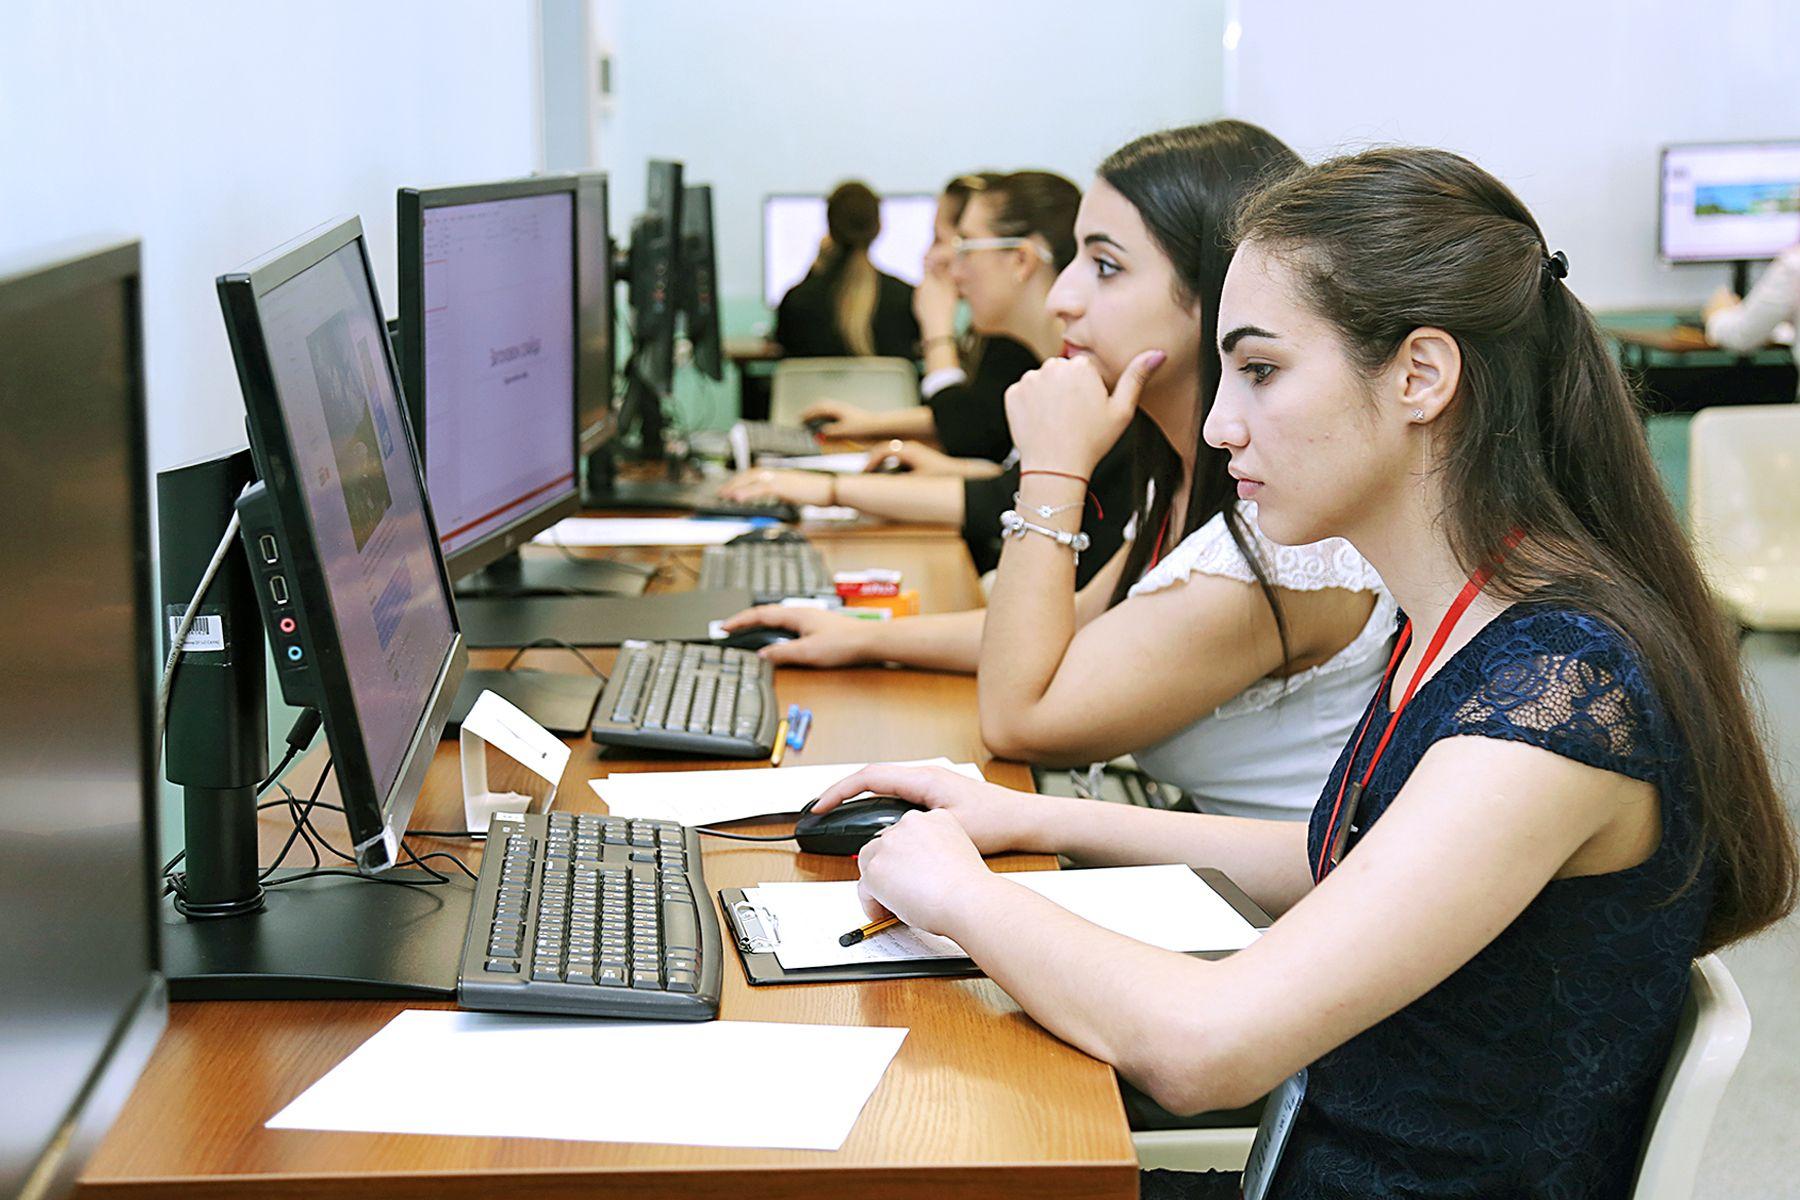 Что ждет вузы на пути цифровизации, — проректор по цифровому развитию ВГУЭС Владимир Крюков